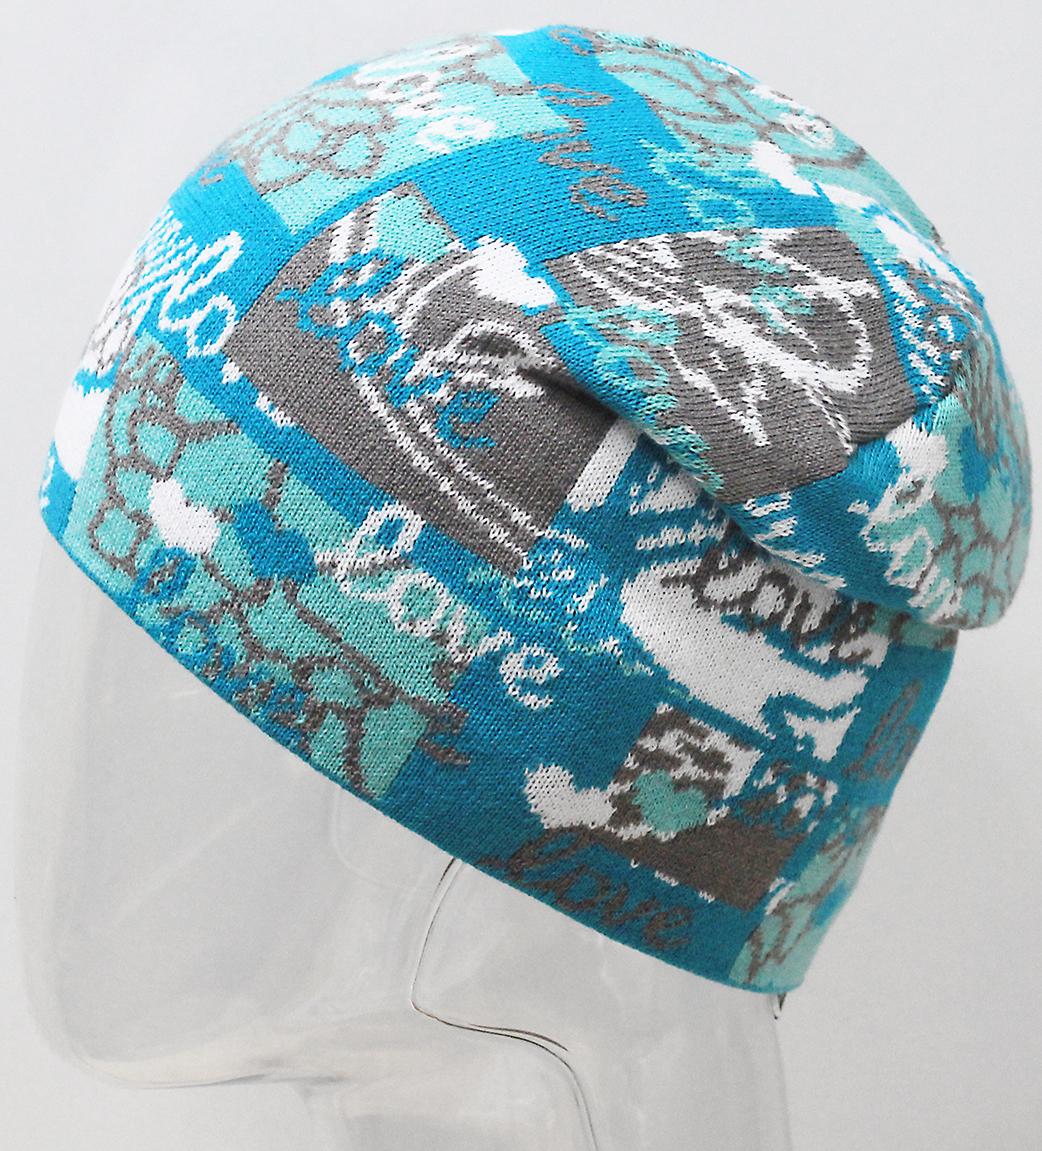 Шапка для девочки Marhatter, цвет: зеленый. MFH7300. Размер 55/56MFH7300Стильная шапка с современным дизайном, выполненная из хлопка. Сочетание цветов в оригинальном жаккардовом узоре. Такая модель дополнит образ современной молодежи. Размер, доступный для заказа, является обхватом головы.